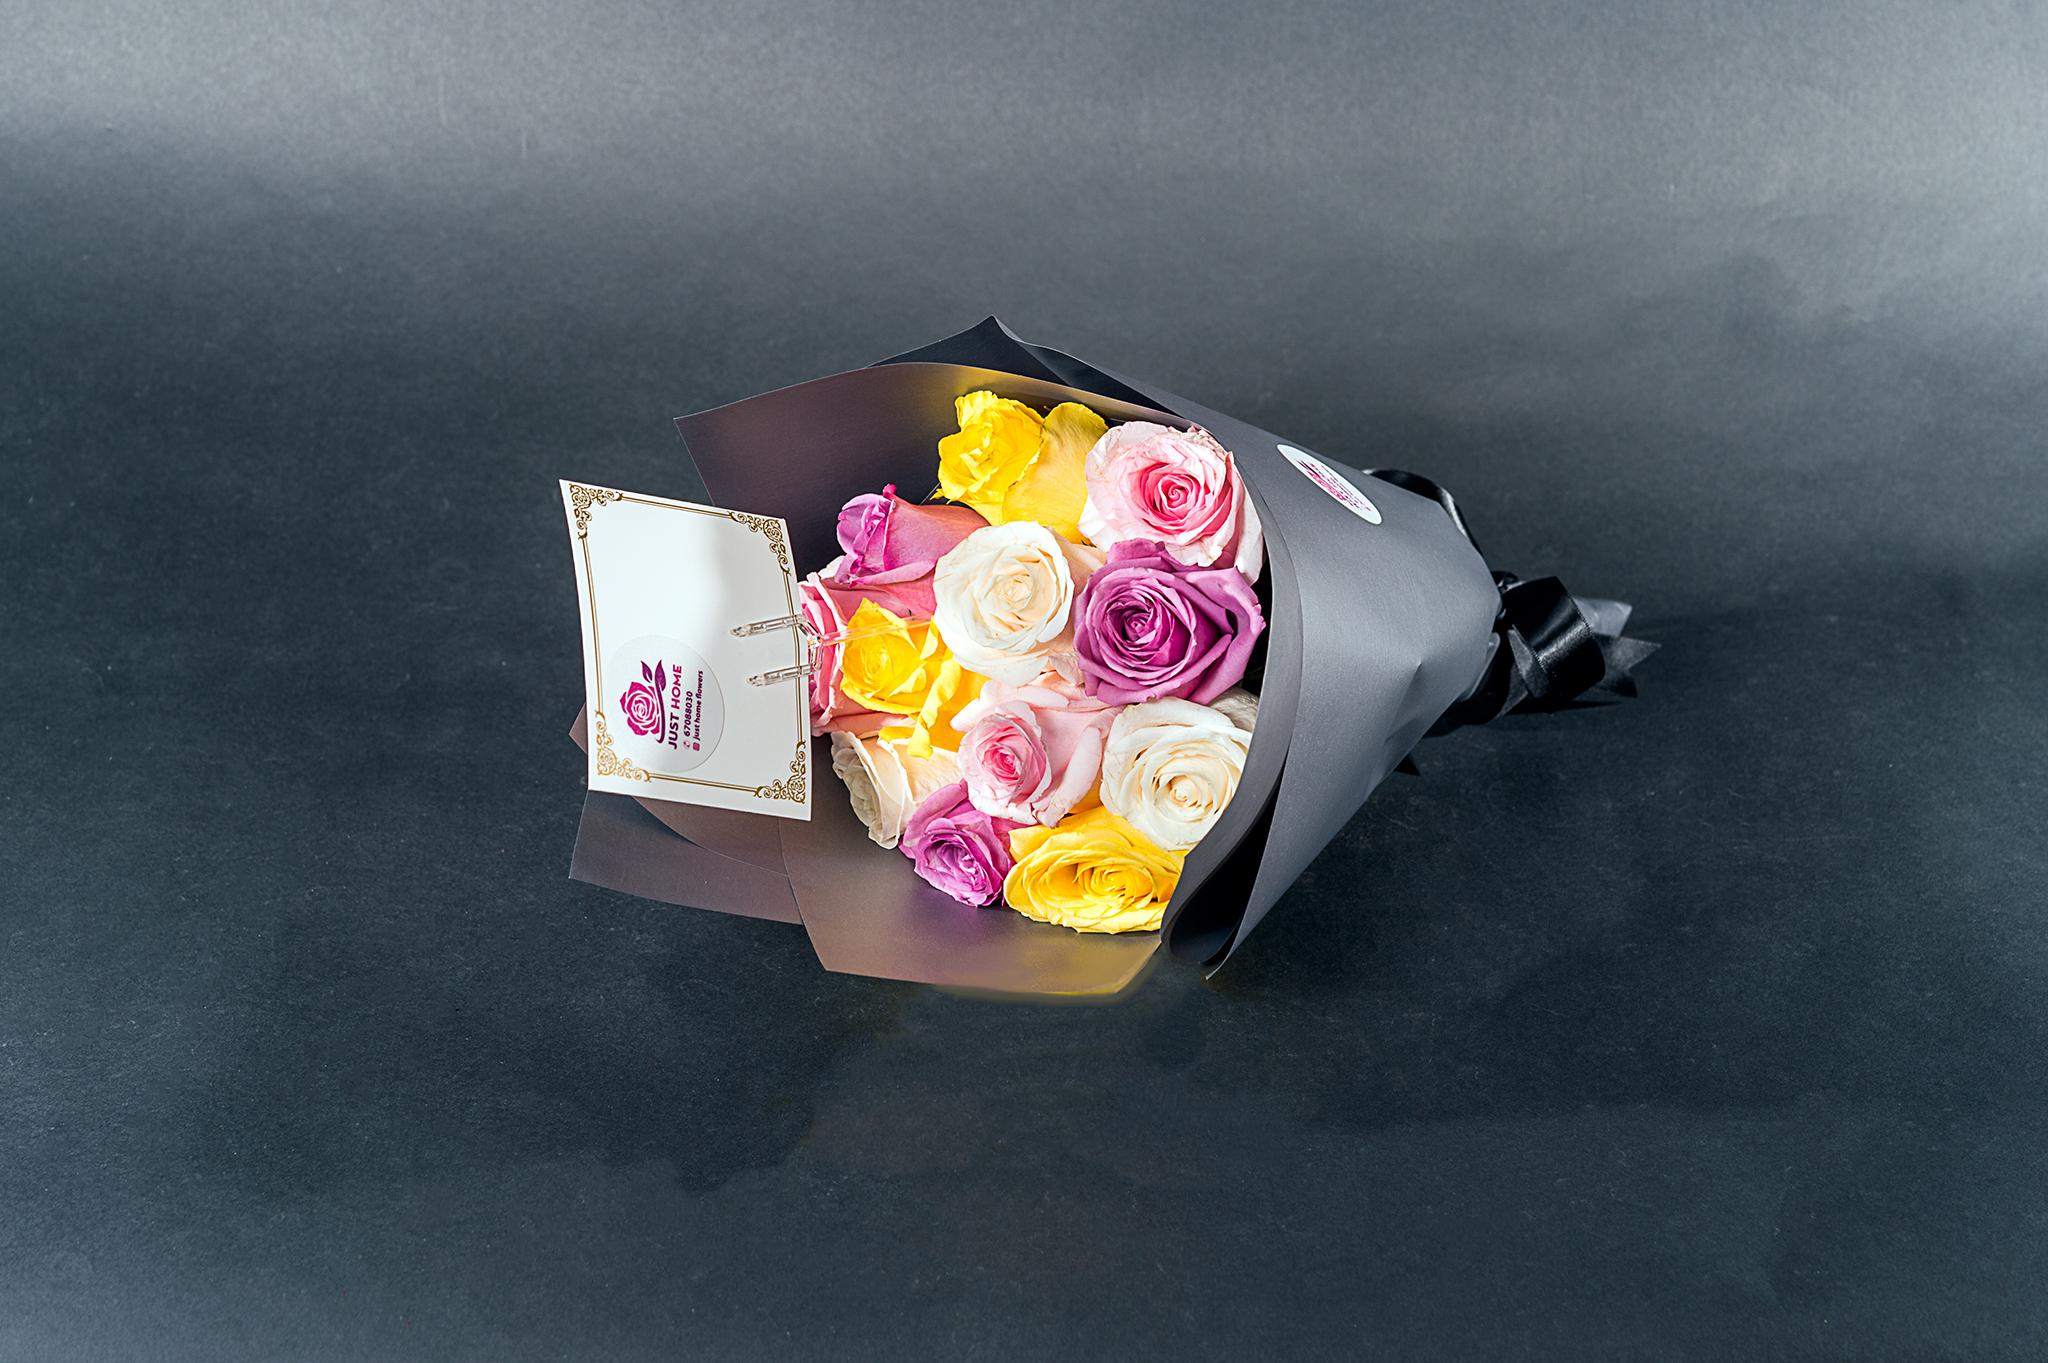 أنا أعشقك 'باقة زهور'